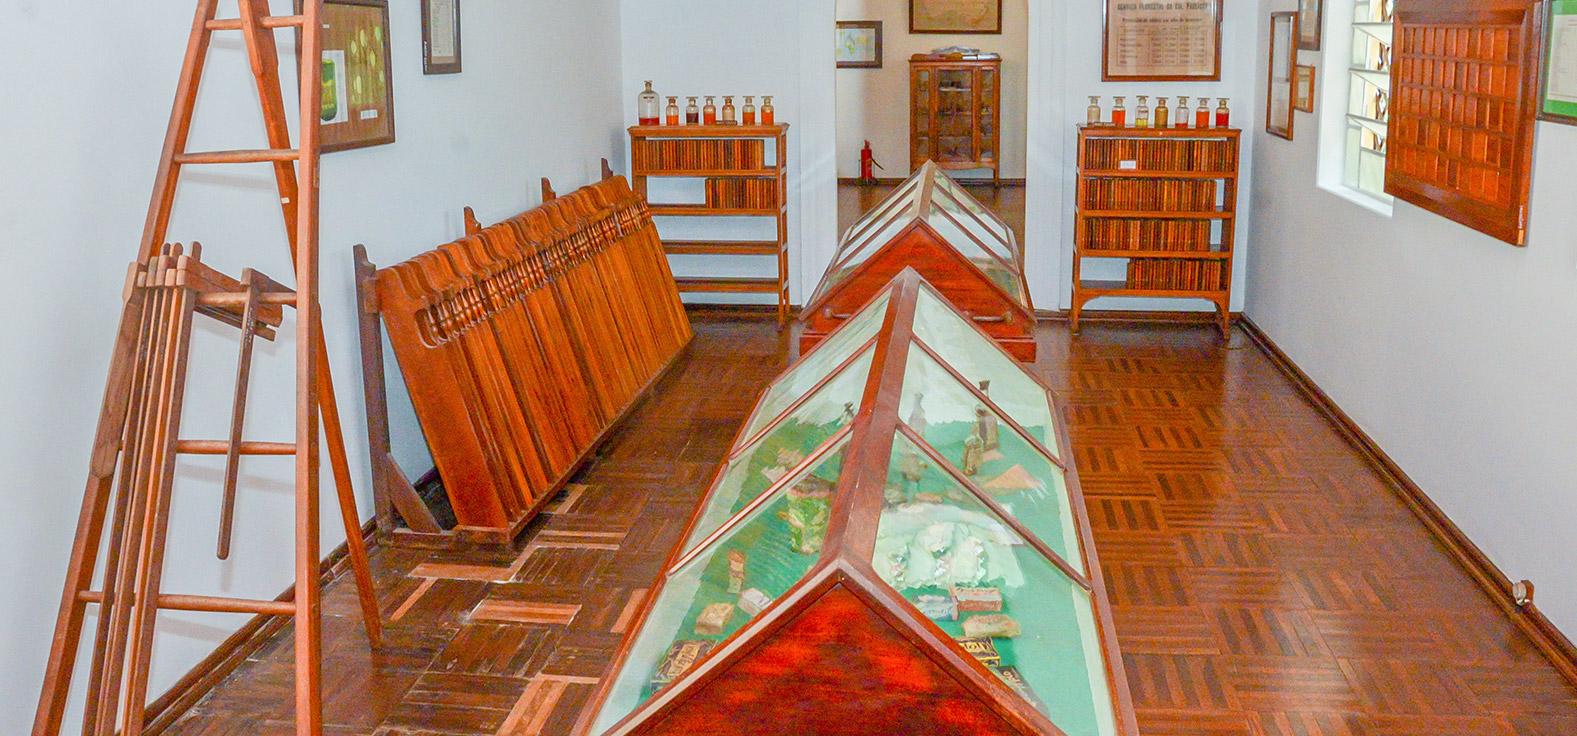 Museu do Eucalipto em Rio Claro | Portal Serra do Itaquerí